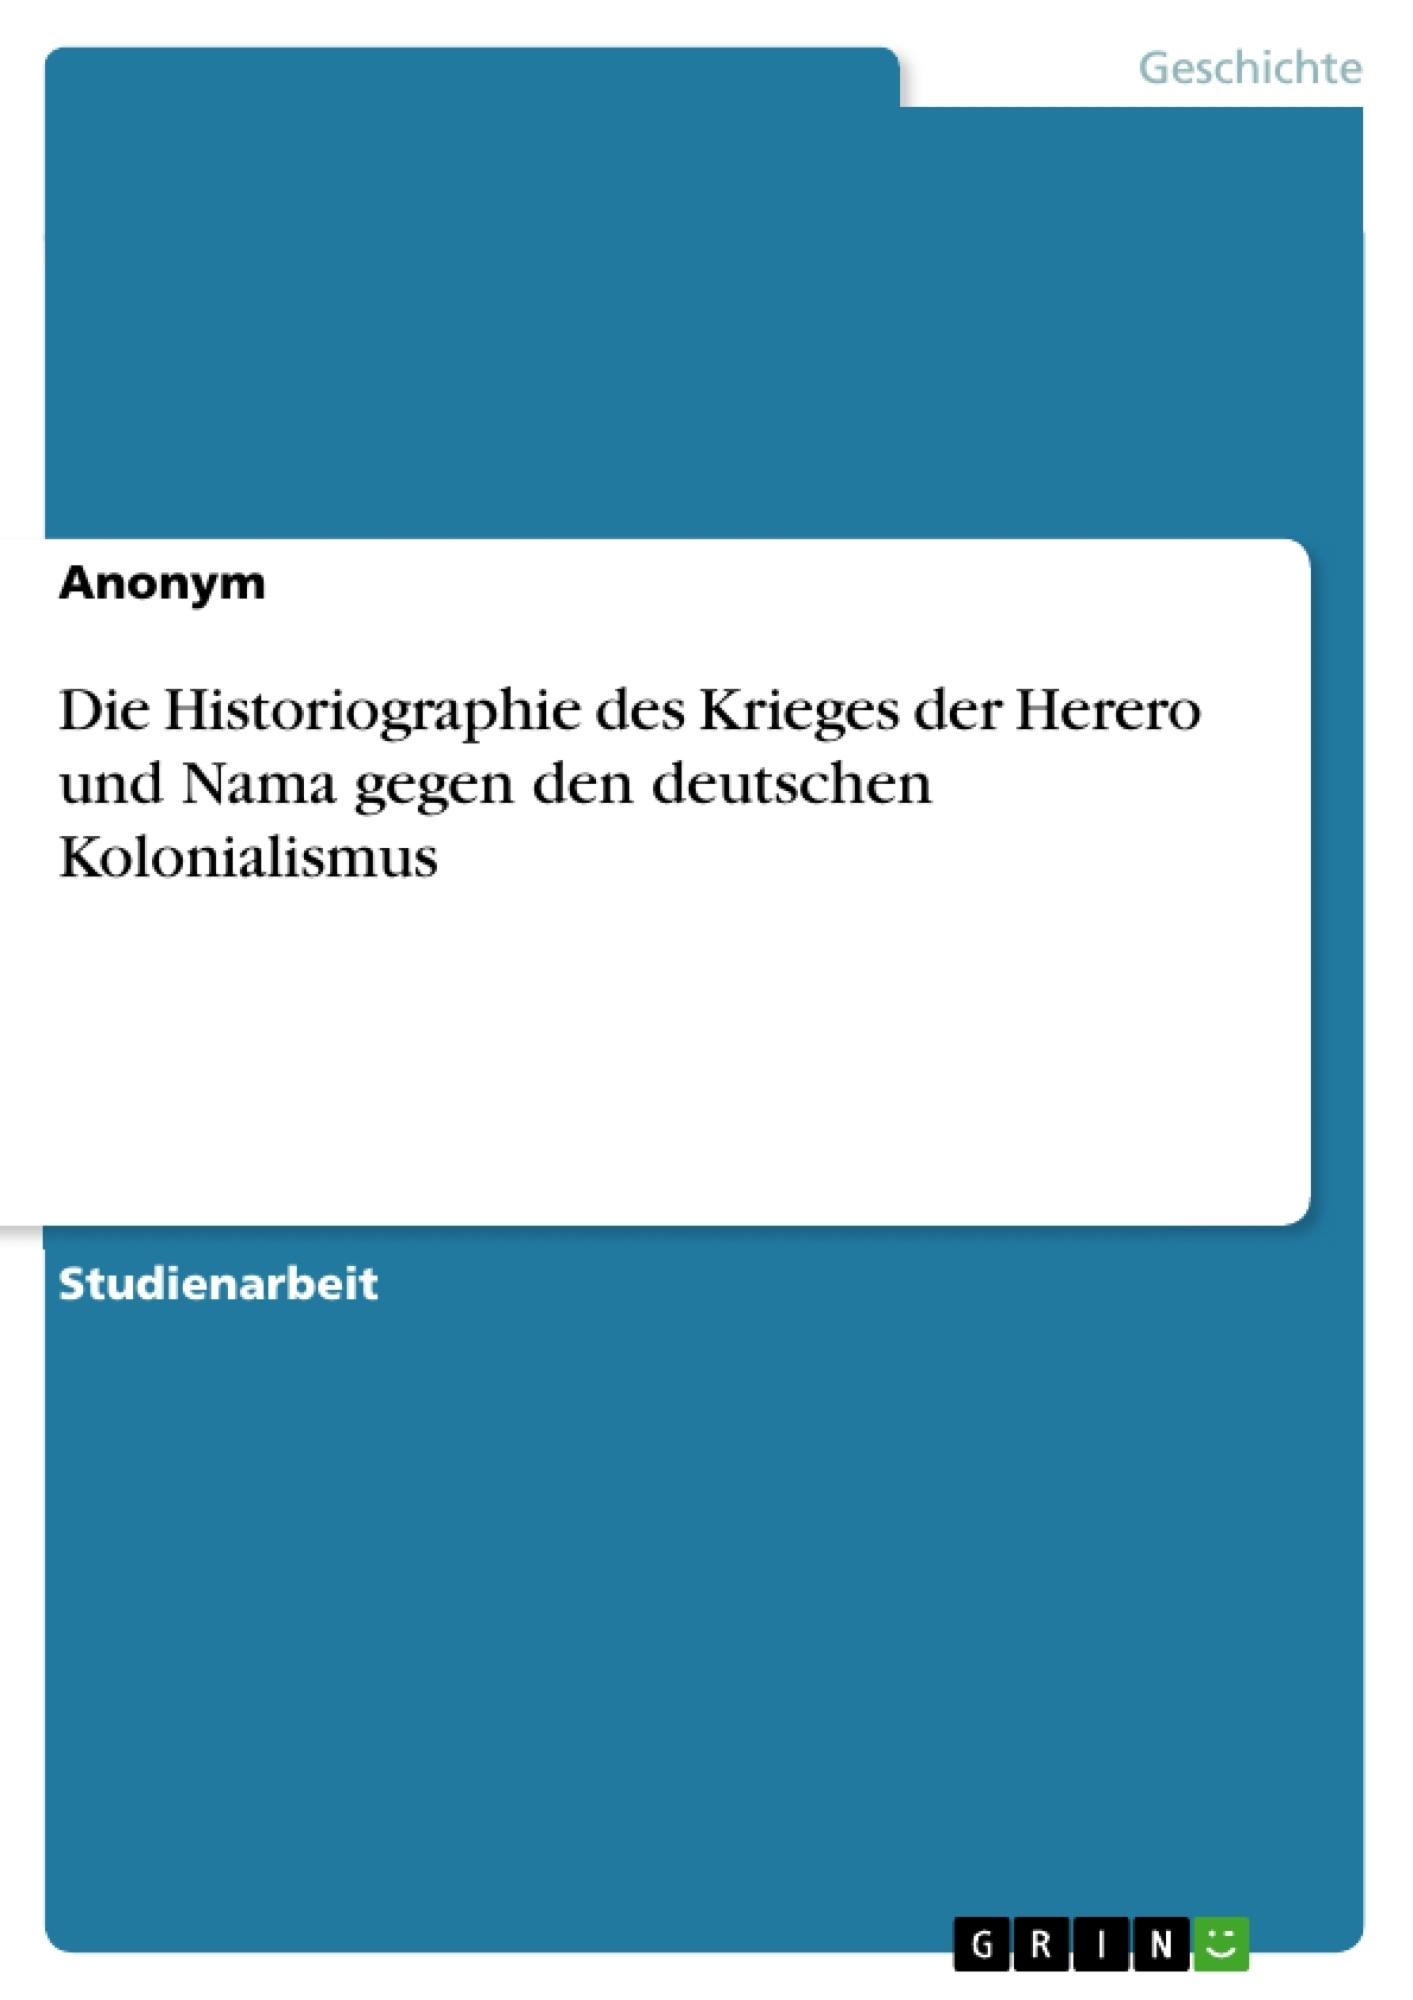 Titel: Die Historiographie des Krieges der Herero und Nama gegen den deutschen Kolonialismus